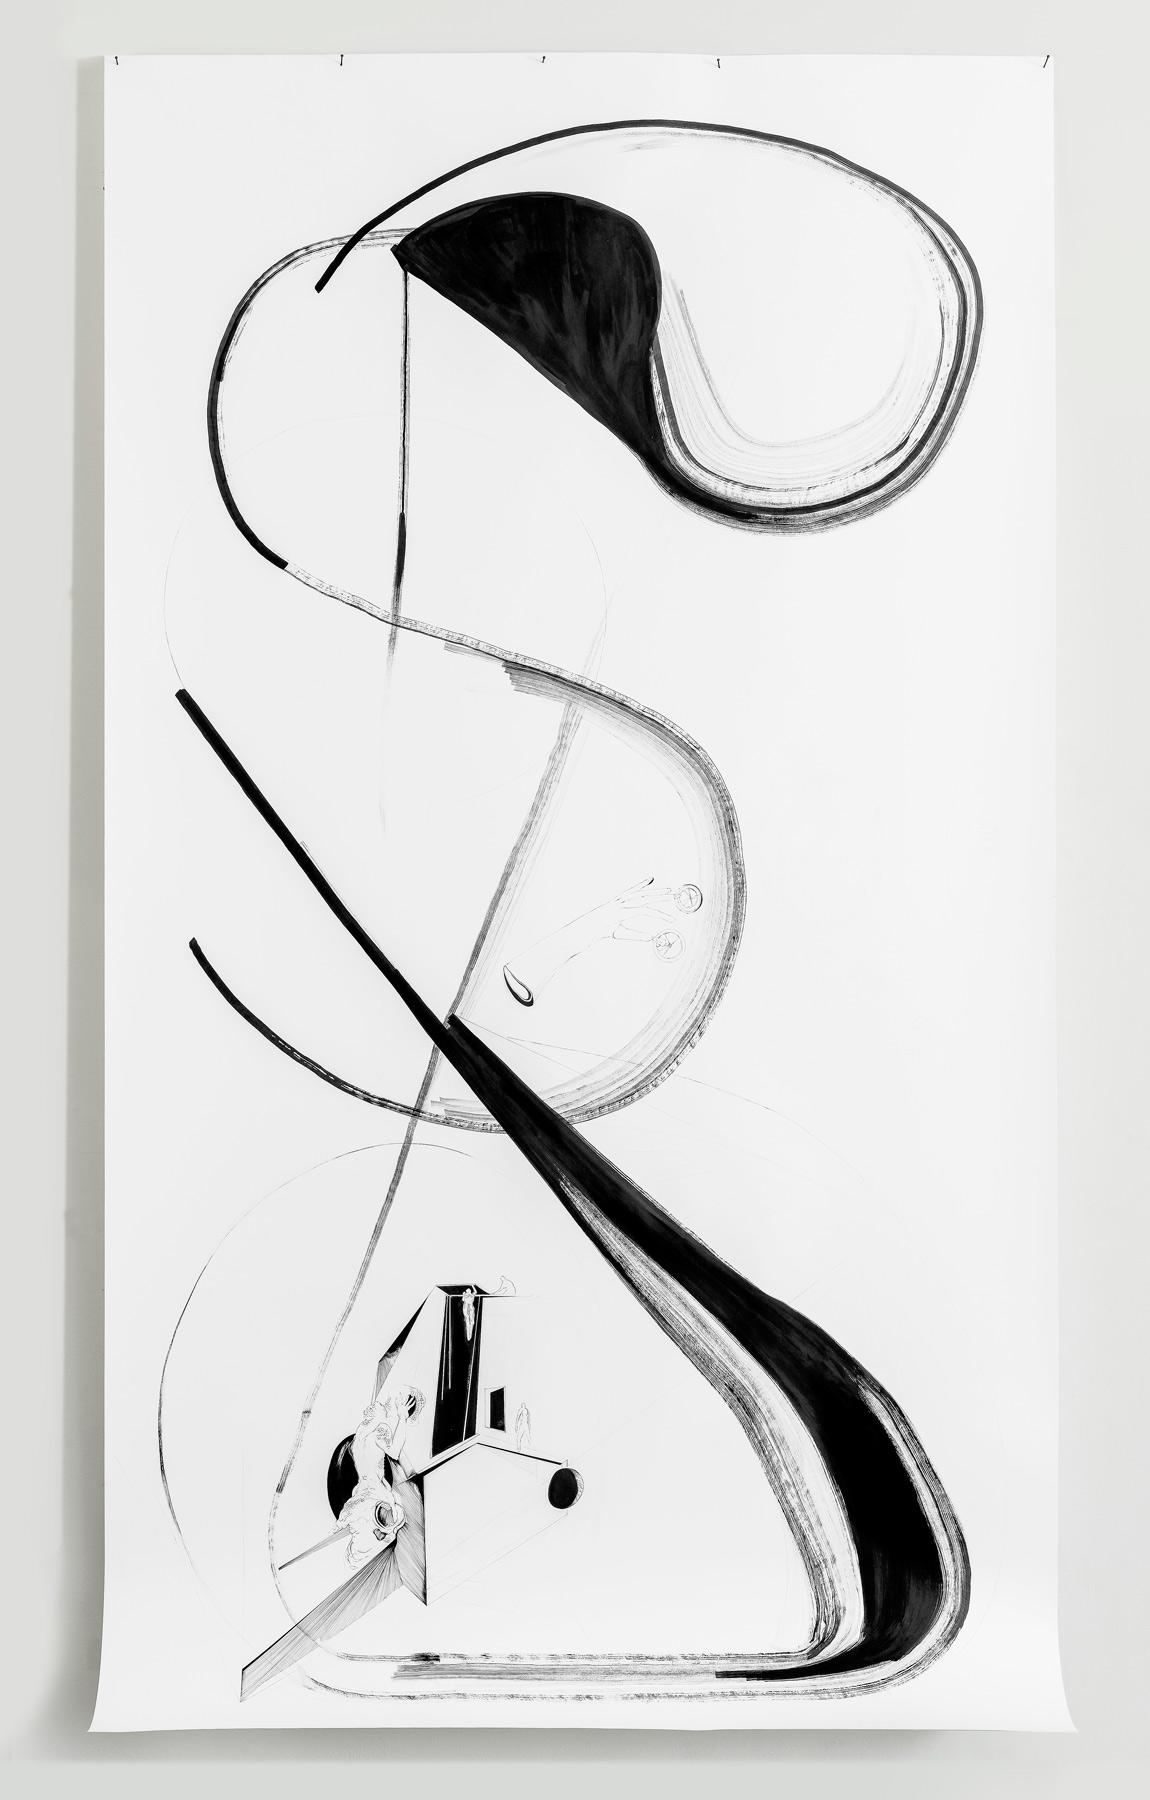 Nina Annabelle Märkl | Displays 5 | Ink on paper | 270 x 135 cm | 2017/2018